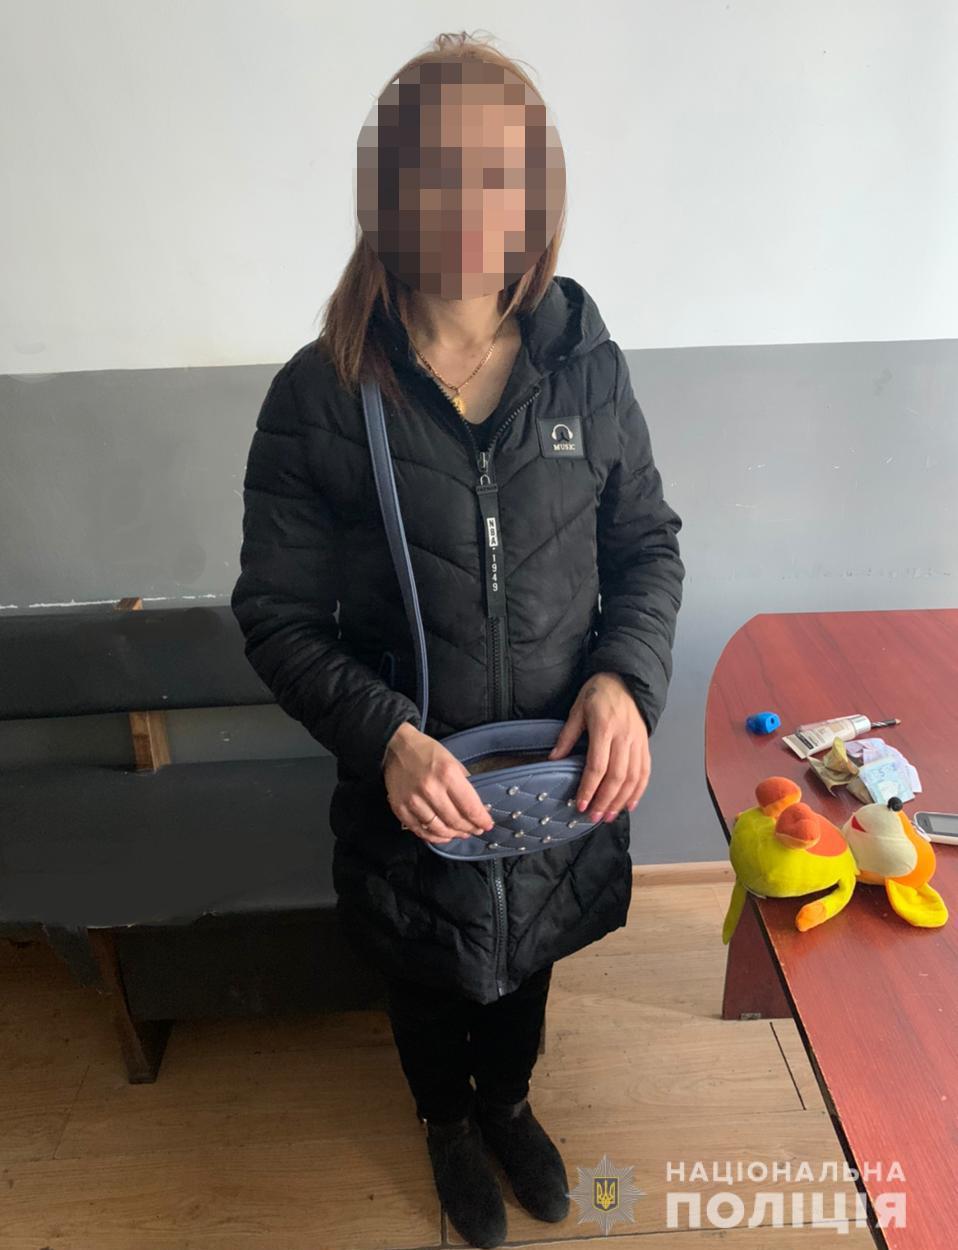 У Луцьку затримали жінку, яка обікрала пенсіонерку